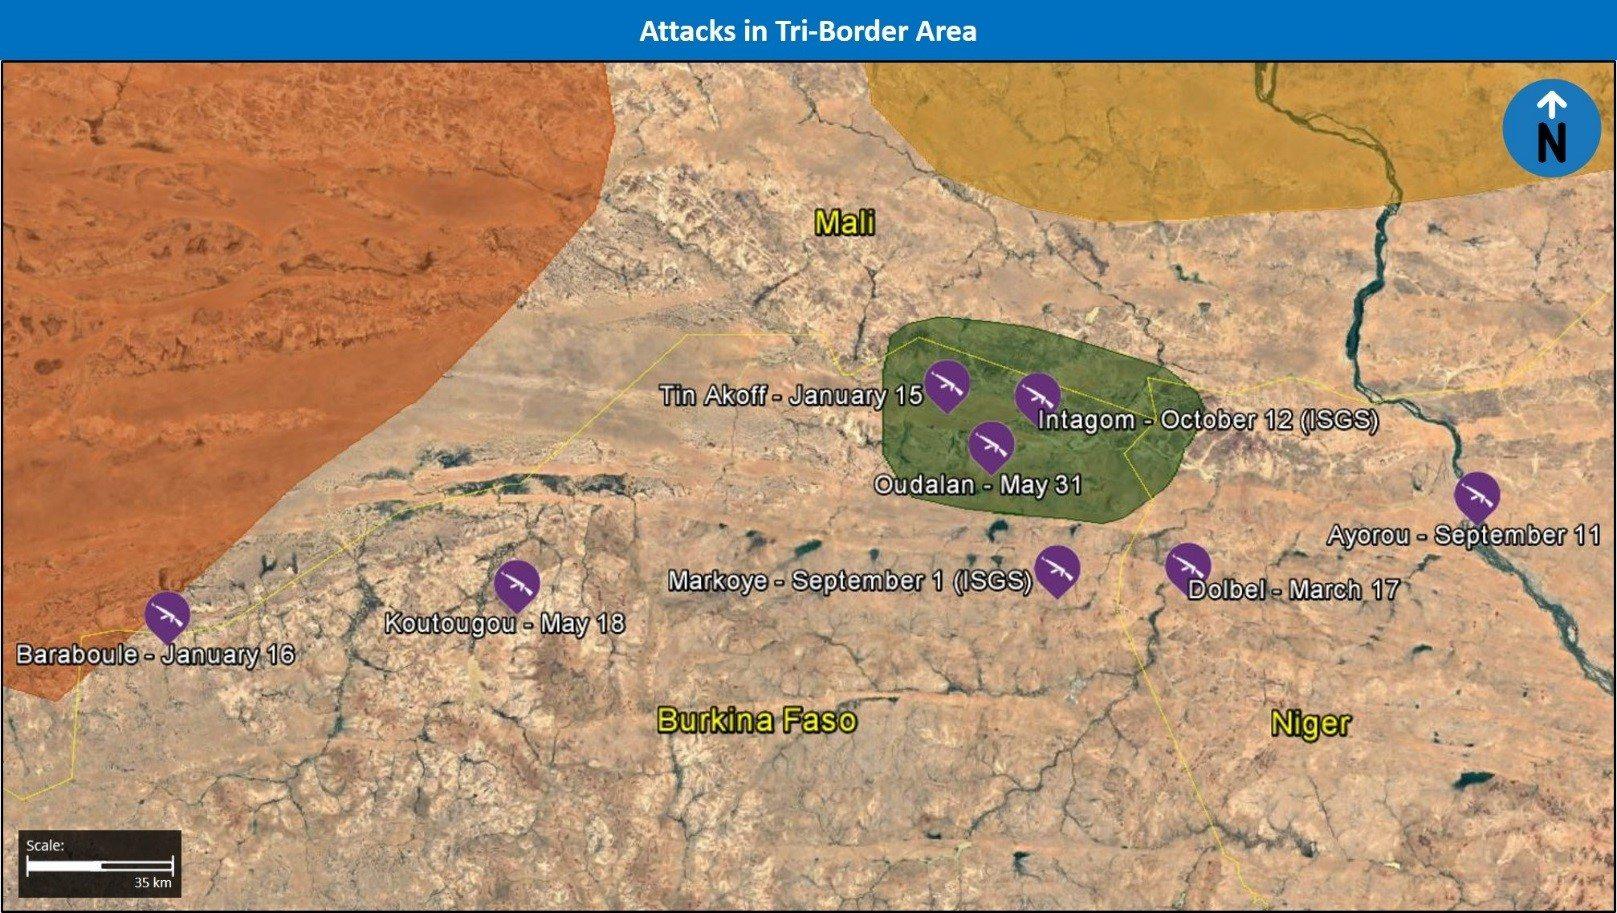 Attacks in Tri-Border Area